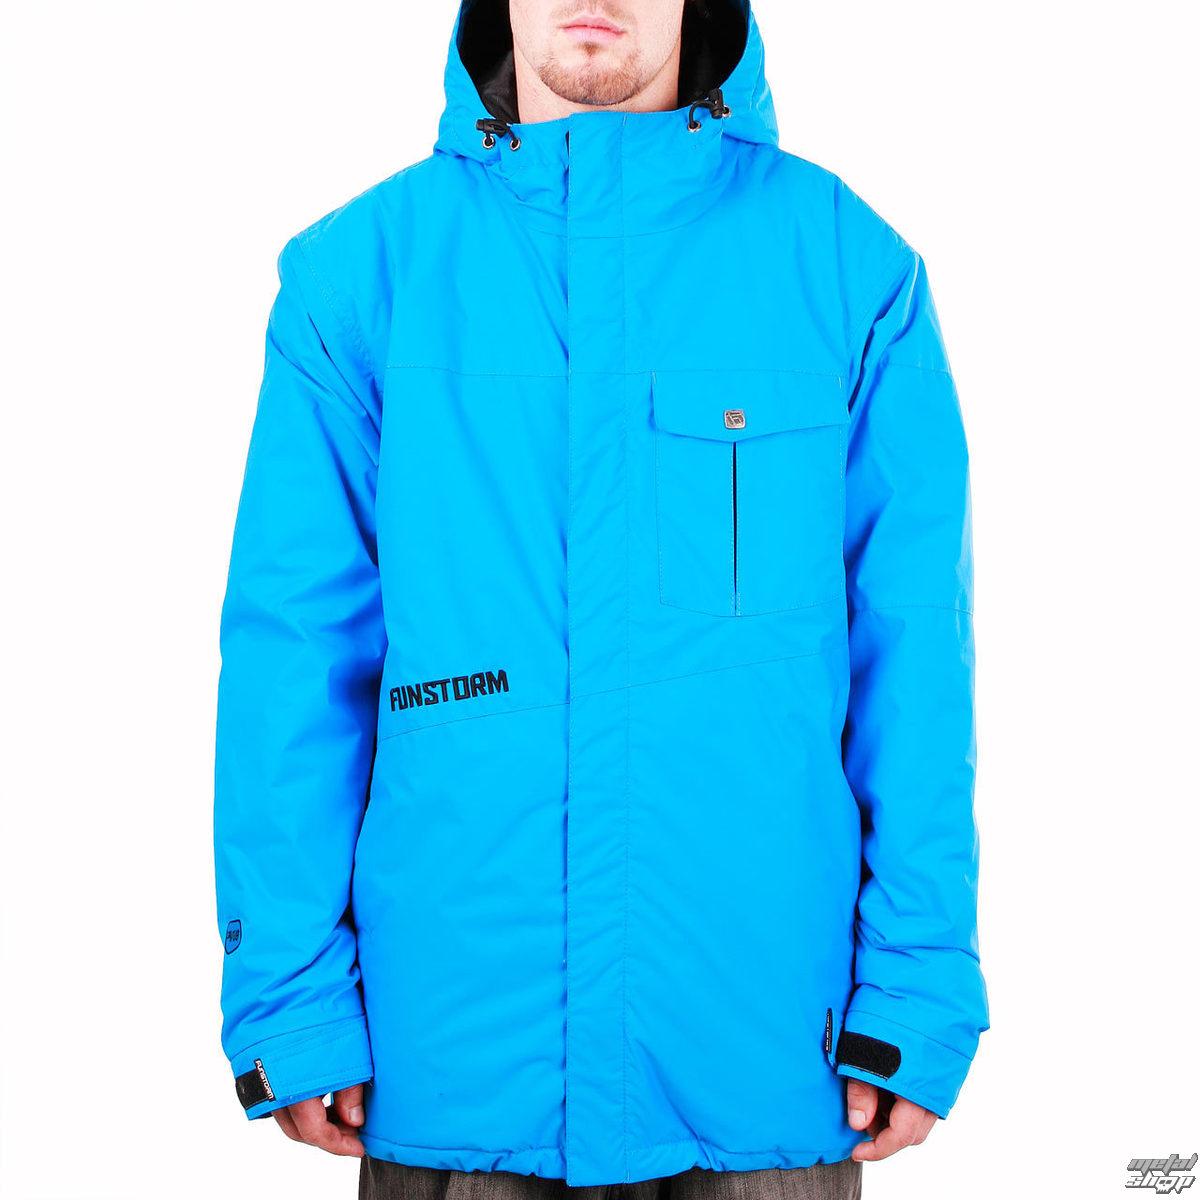 bunda pánská zimní FUNSTORM - Raton - 14 BLUE